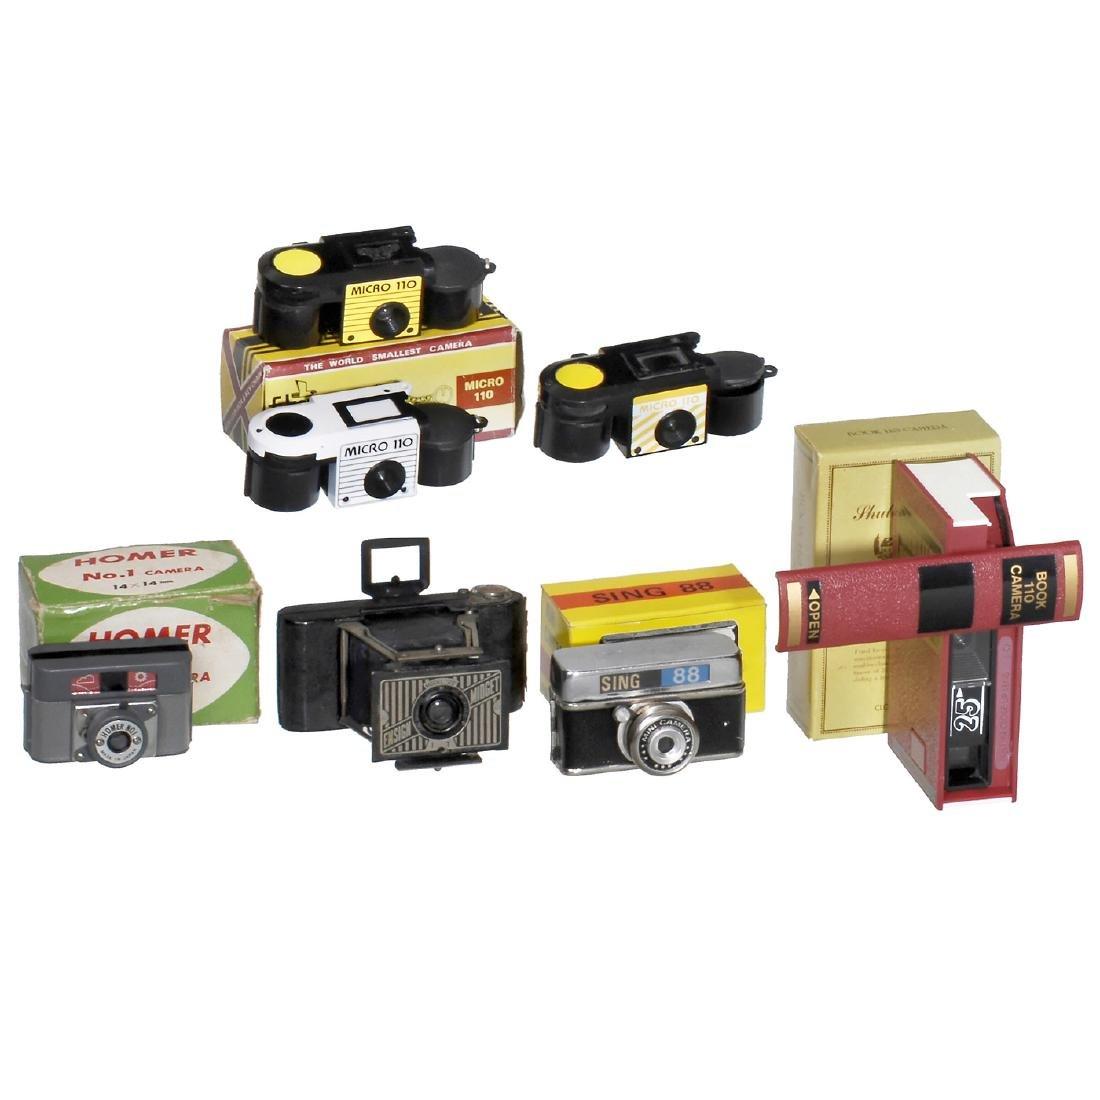 7 Subminiature Cameras